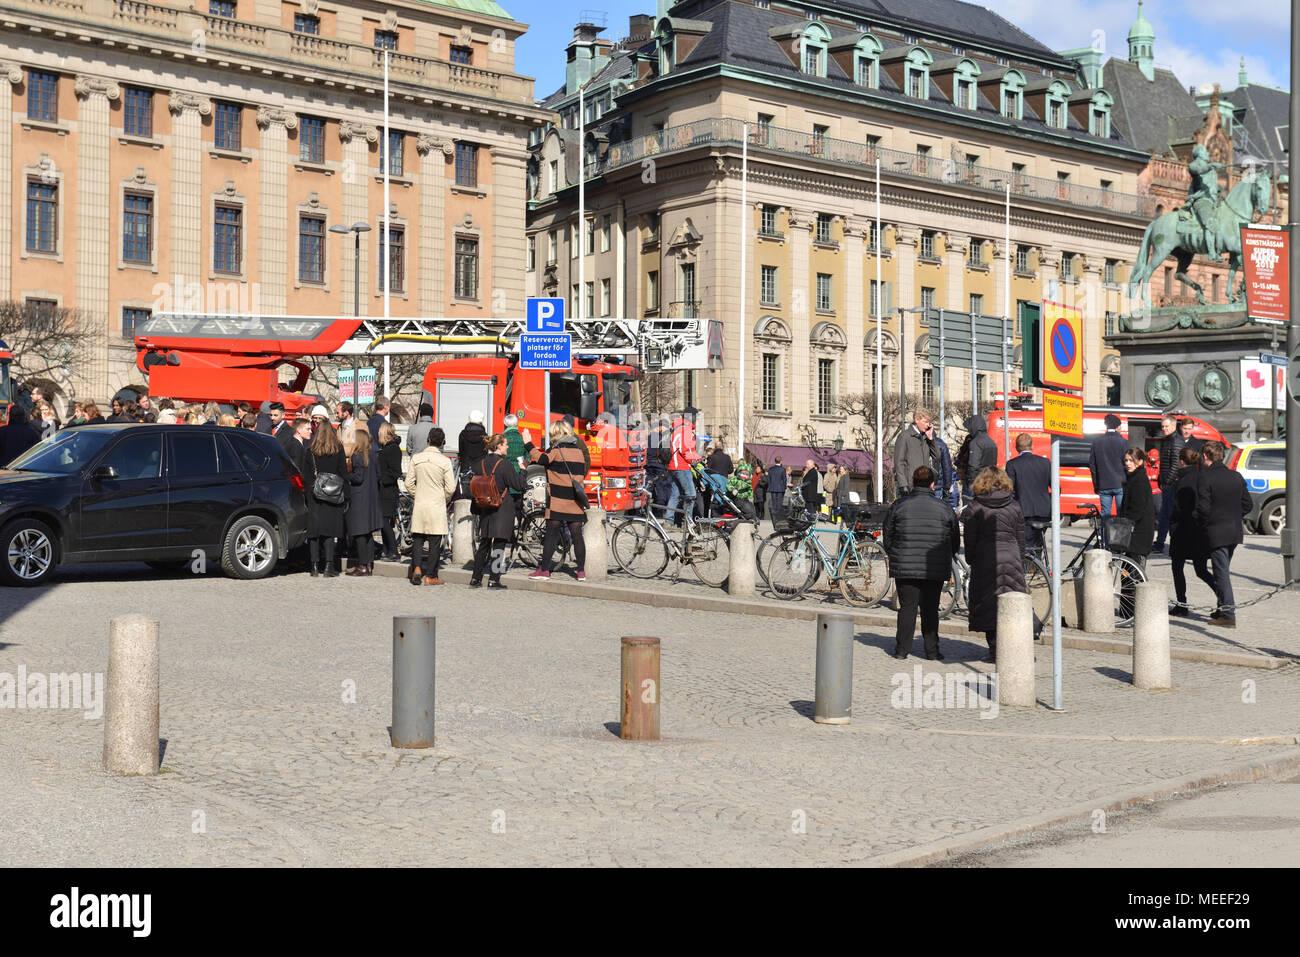 Feuerwehr, Polizei und Rettungsdiensten auf Gustav Adolfs Torg. Leute vom Ministerium für Auswärtige Angelegenheiten evakuiert Stockbild